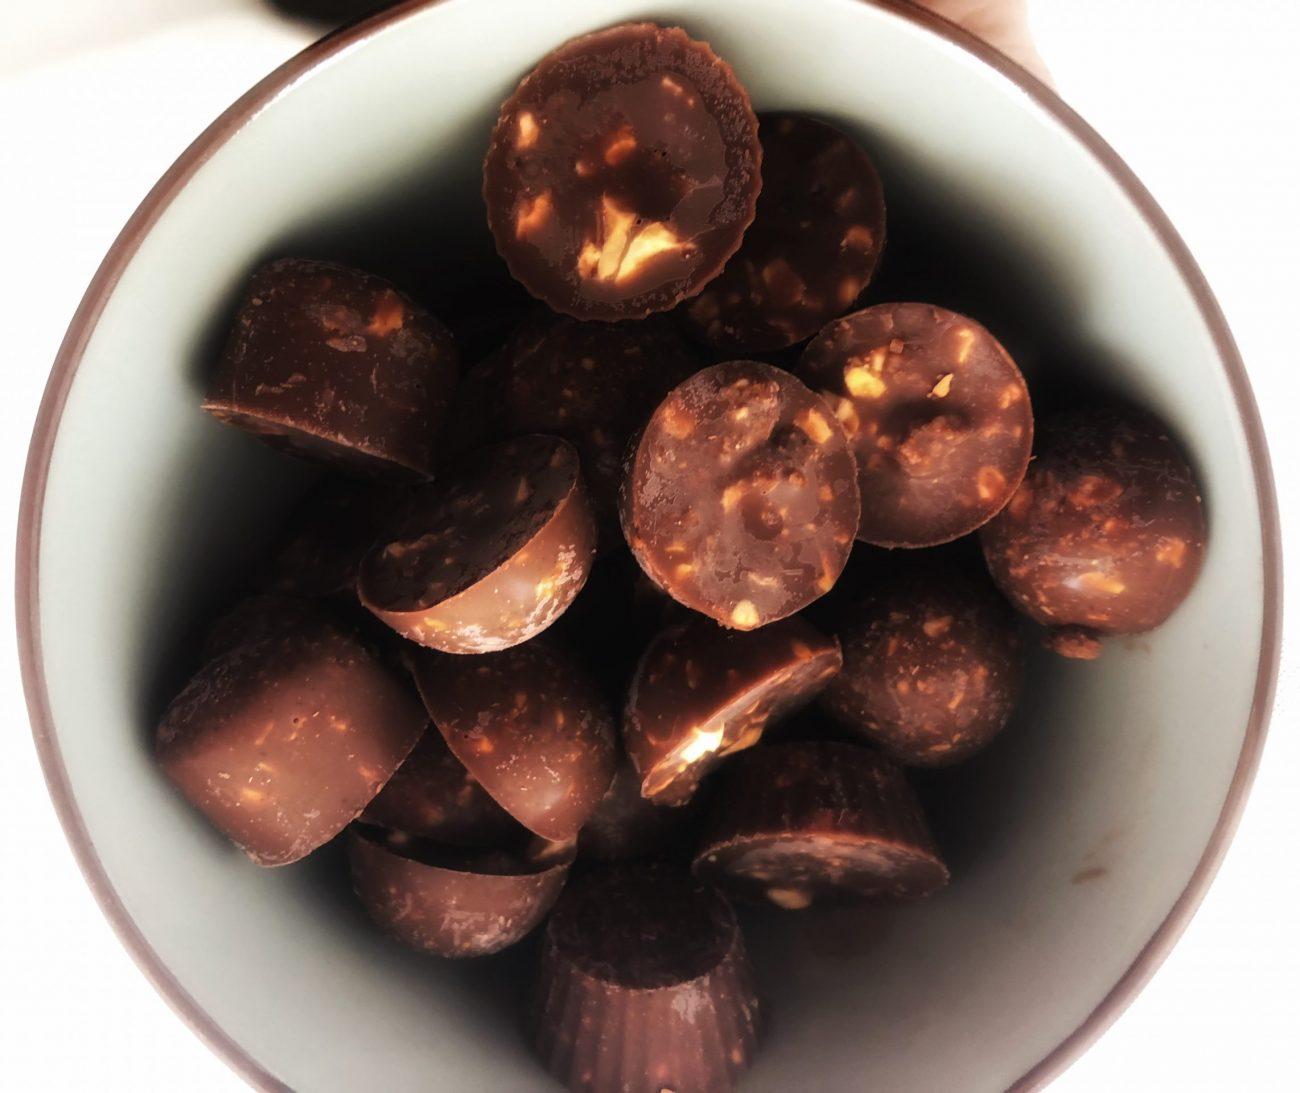 Σοκολατάκια με καραμελωμένα φουντούκια (και keto!)